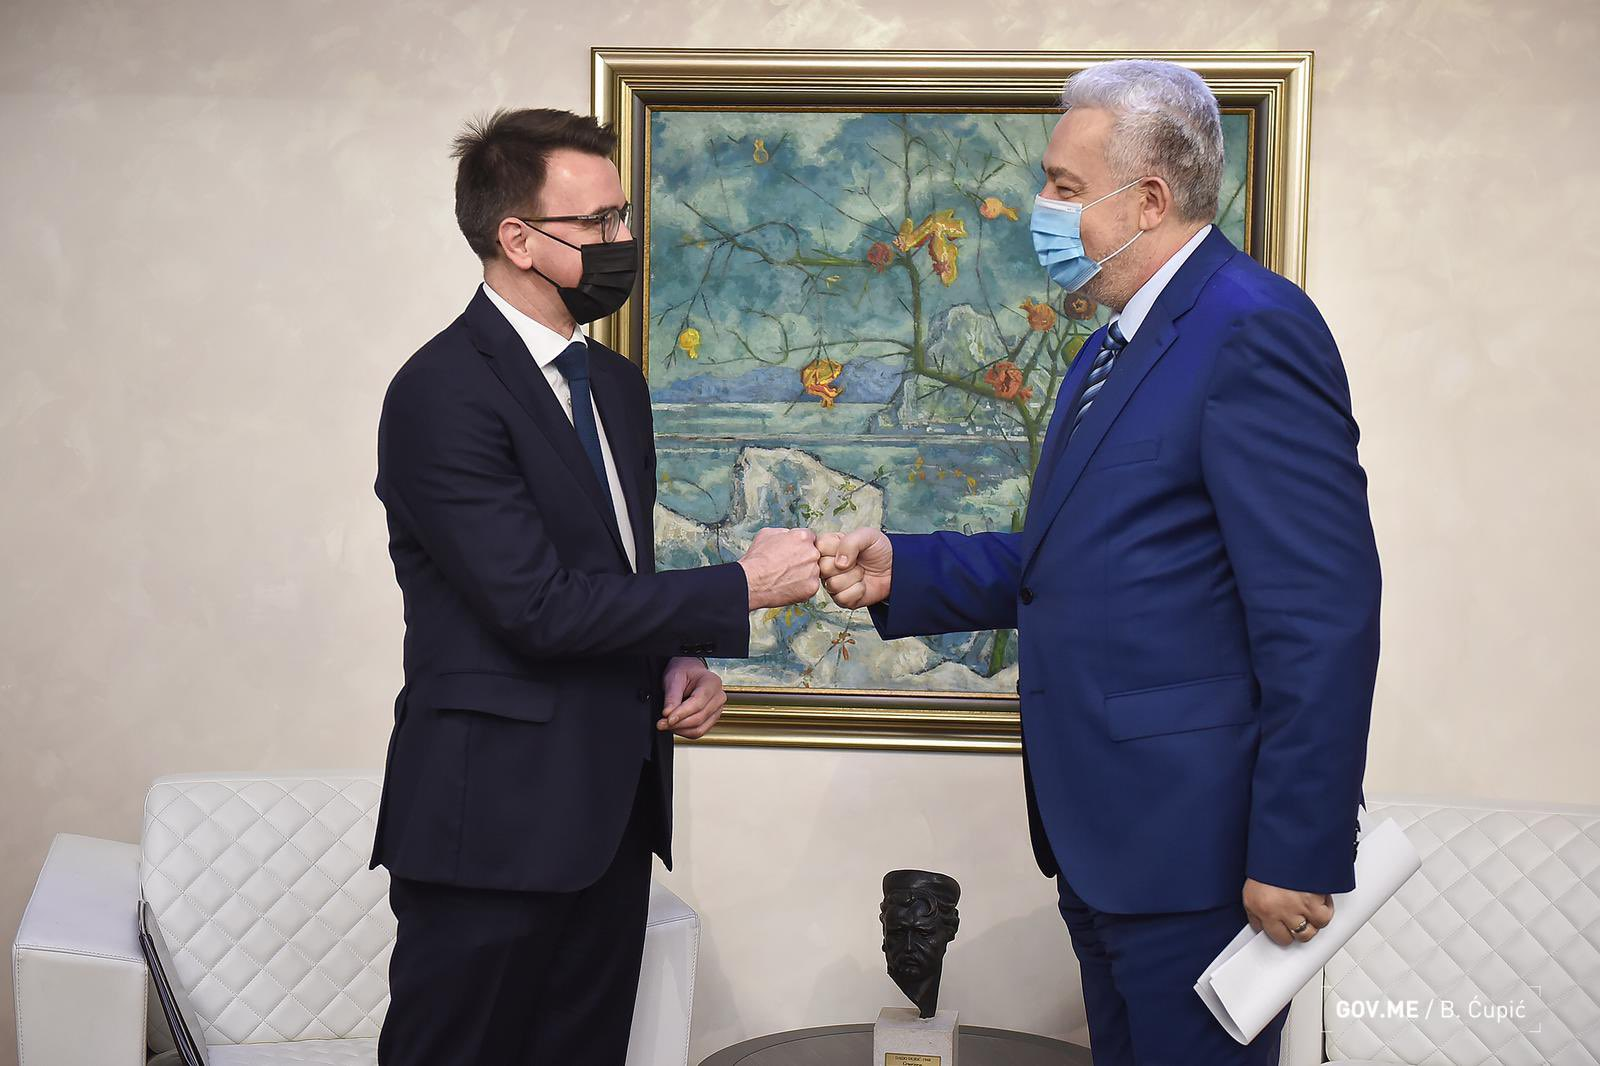 Кривокапић: Црна Гора жели најбоље односе са свима, а посебно са Русијом